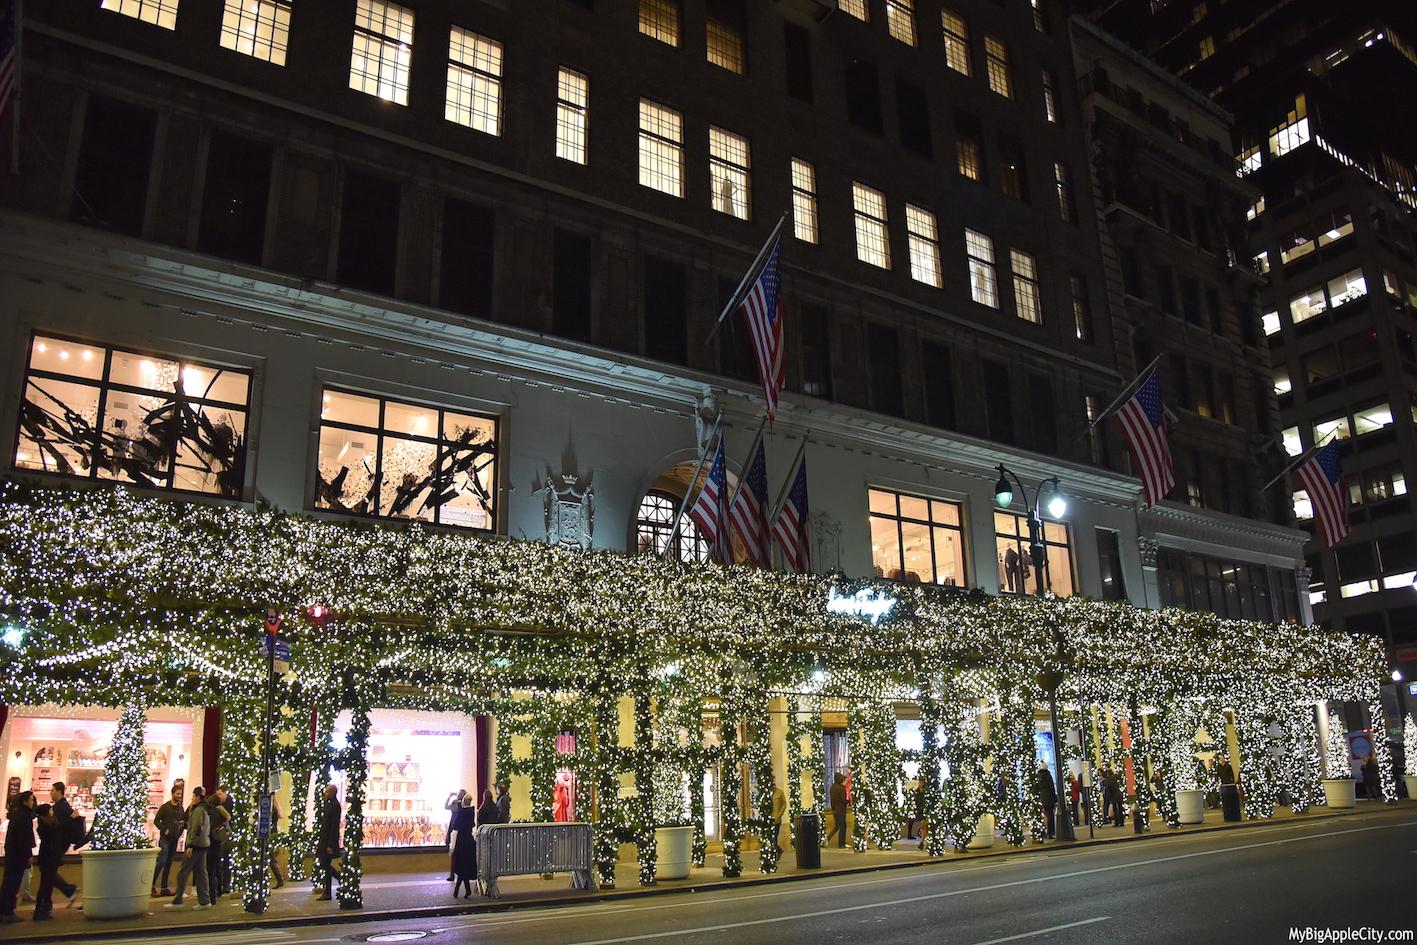 Fifth-Avenue-Holiday-window-new-york-travelblogger-mybigapplecity